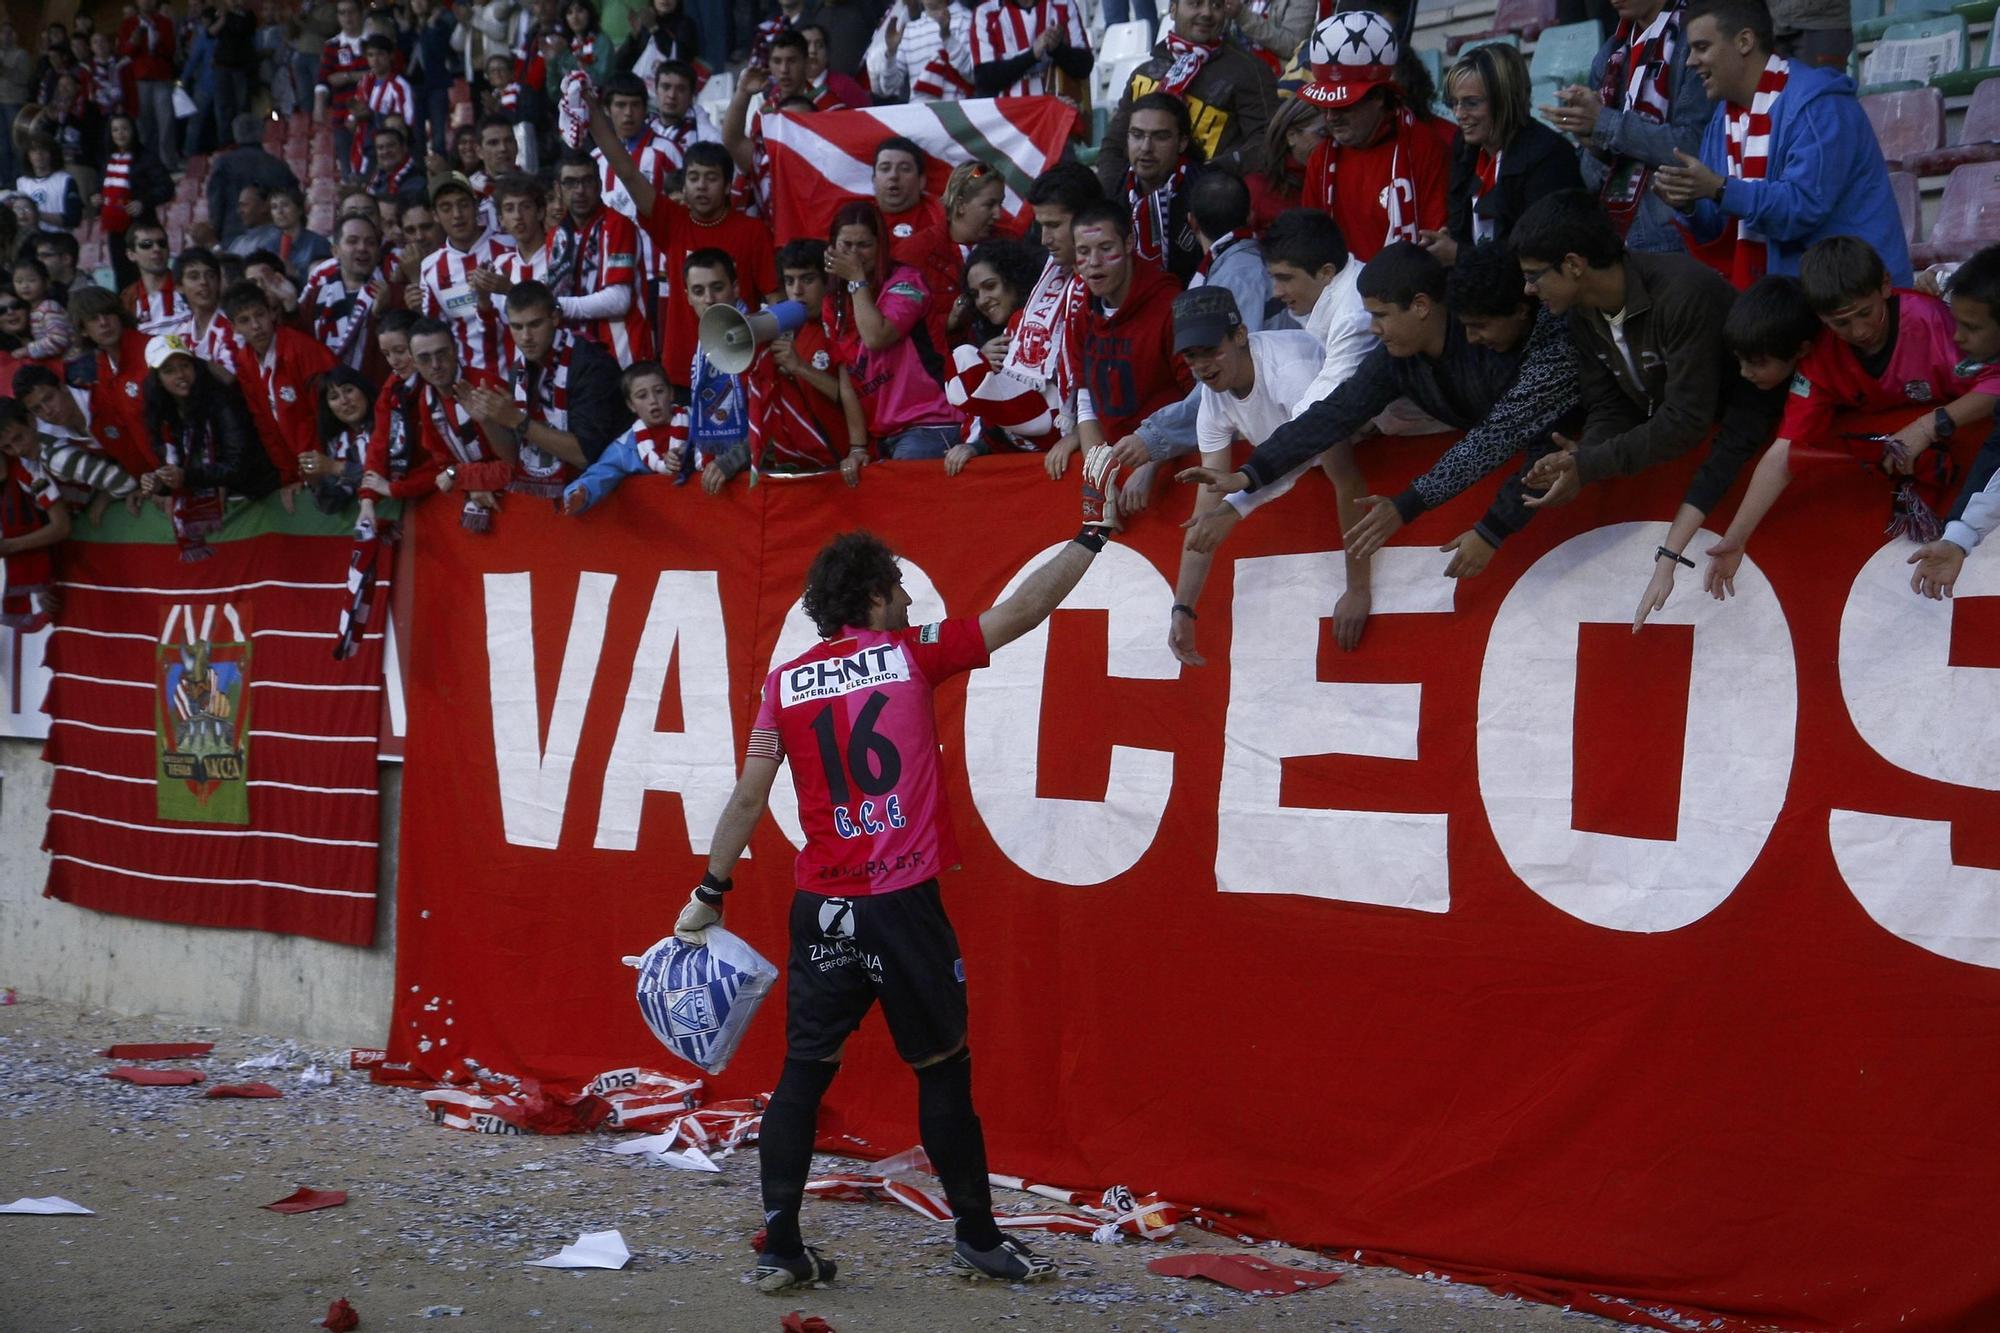 2. Dani Giménez se despide de los aficionados del Zamora tras la derrota en la ida de la primera eliminatoria del play off de la 2008-2009. El Villarreal B ganó 0-2 en el Ruta de la Plata y ese fue el último partido del portero gallego ante la afición rojiblanca.